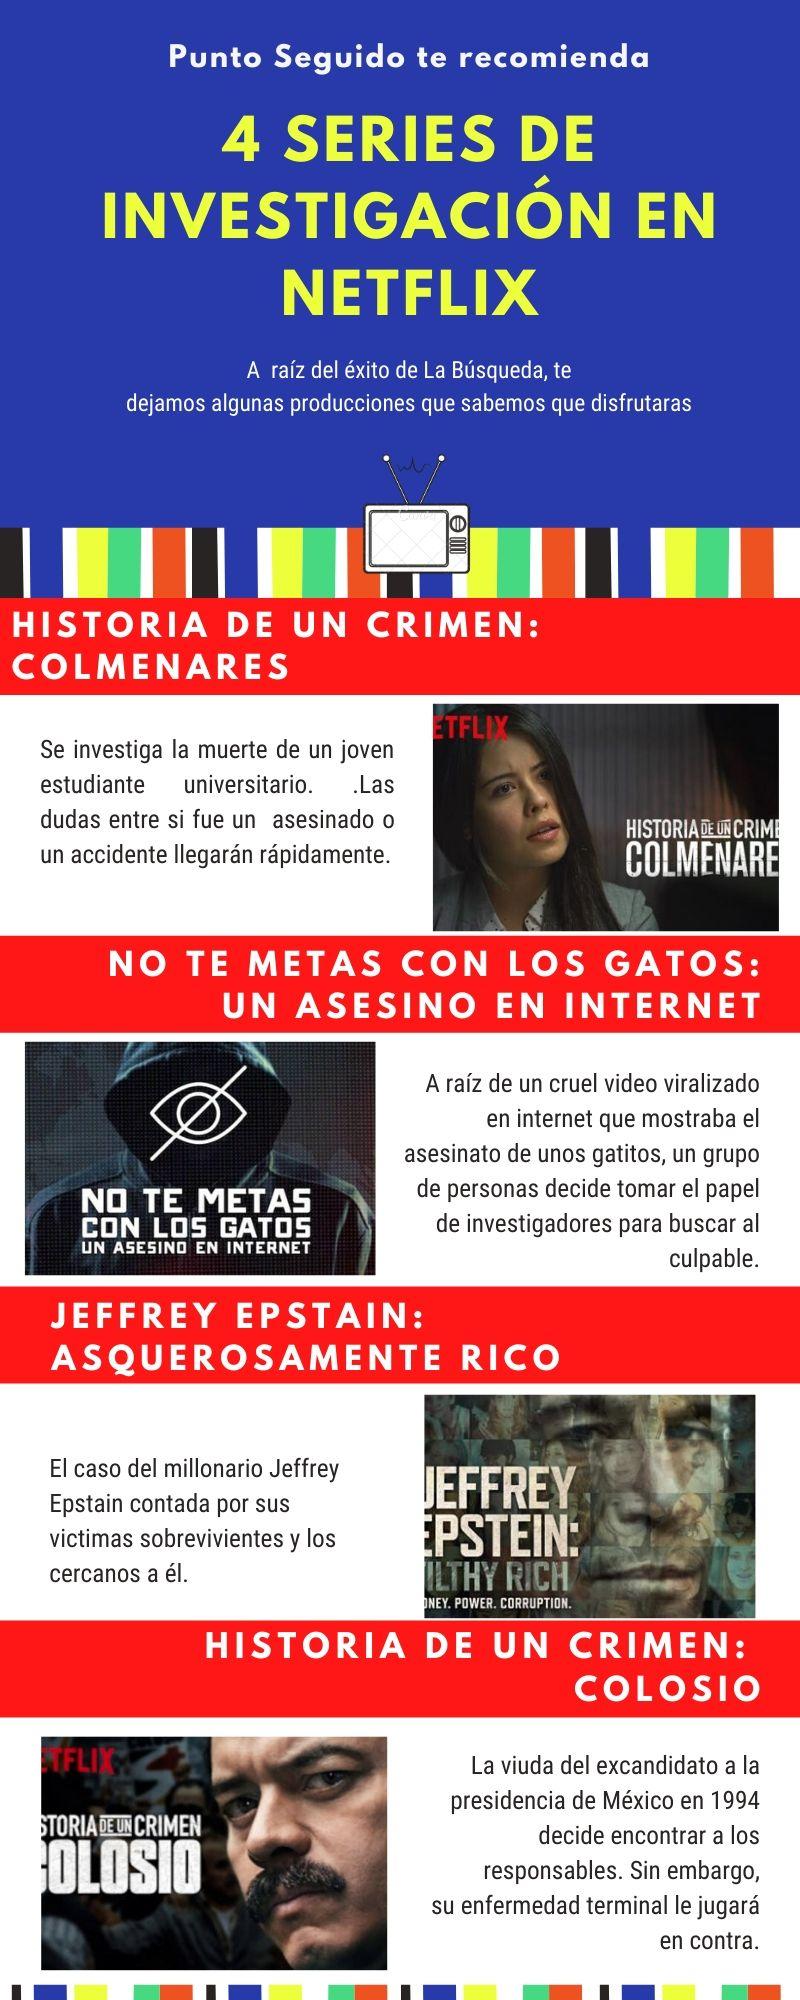 infografia: 4 series de investigación en netflix